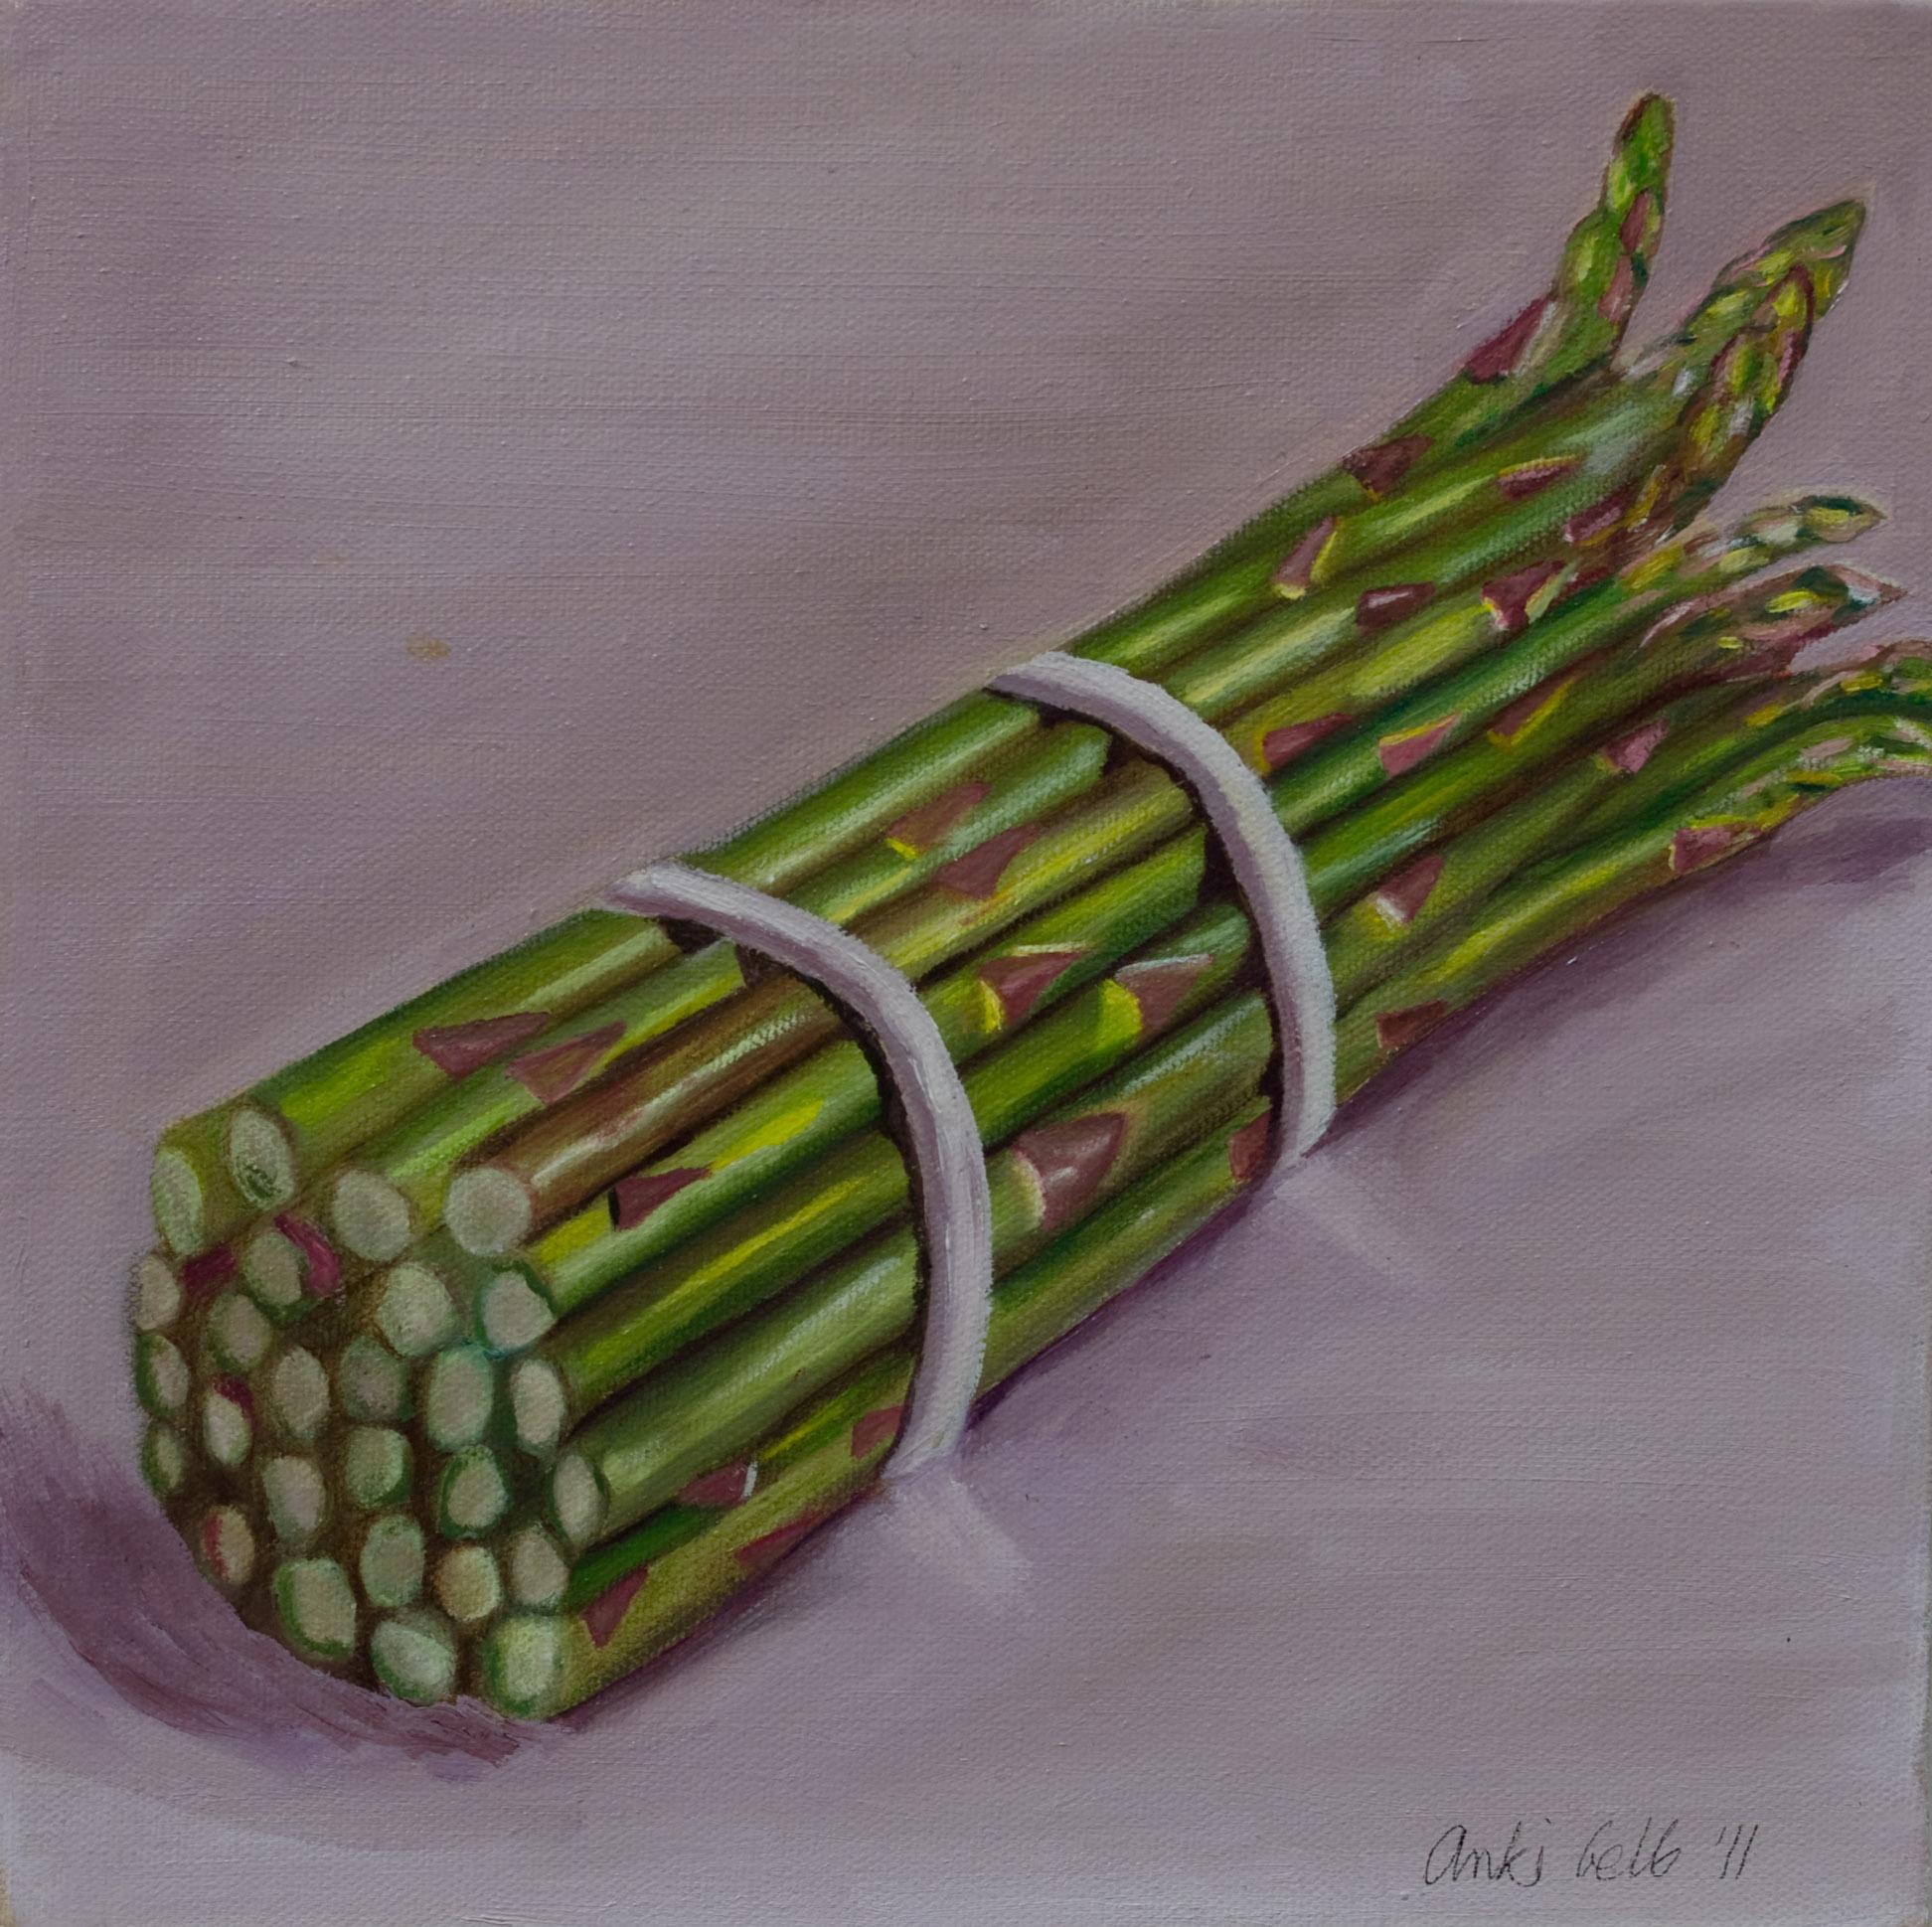 """Triptych: Artichoke, Asparagus, Garlic, Oil on Canvas, 12""""x12"""". Sold."""